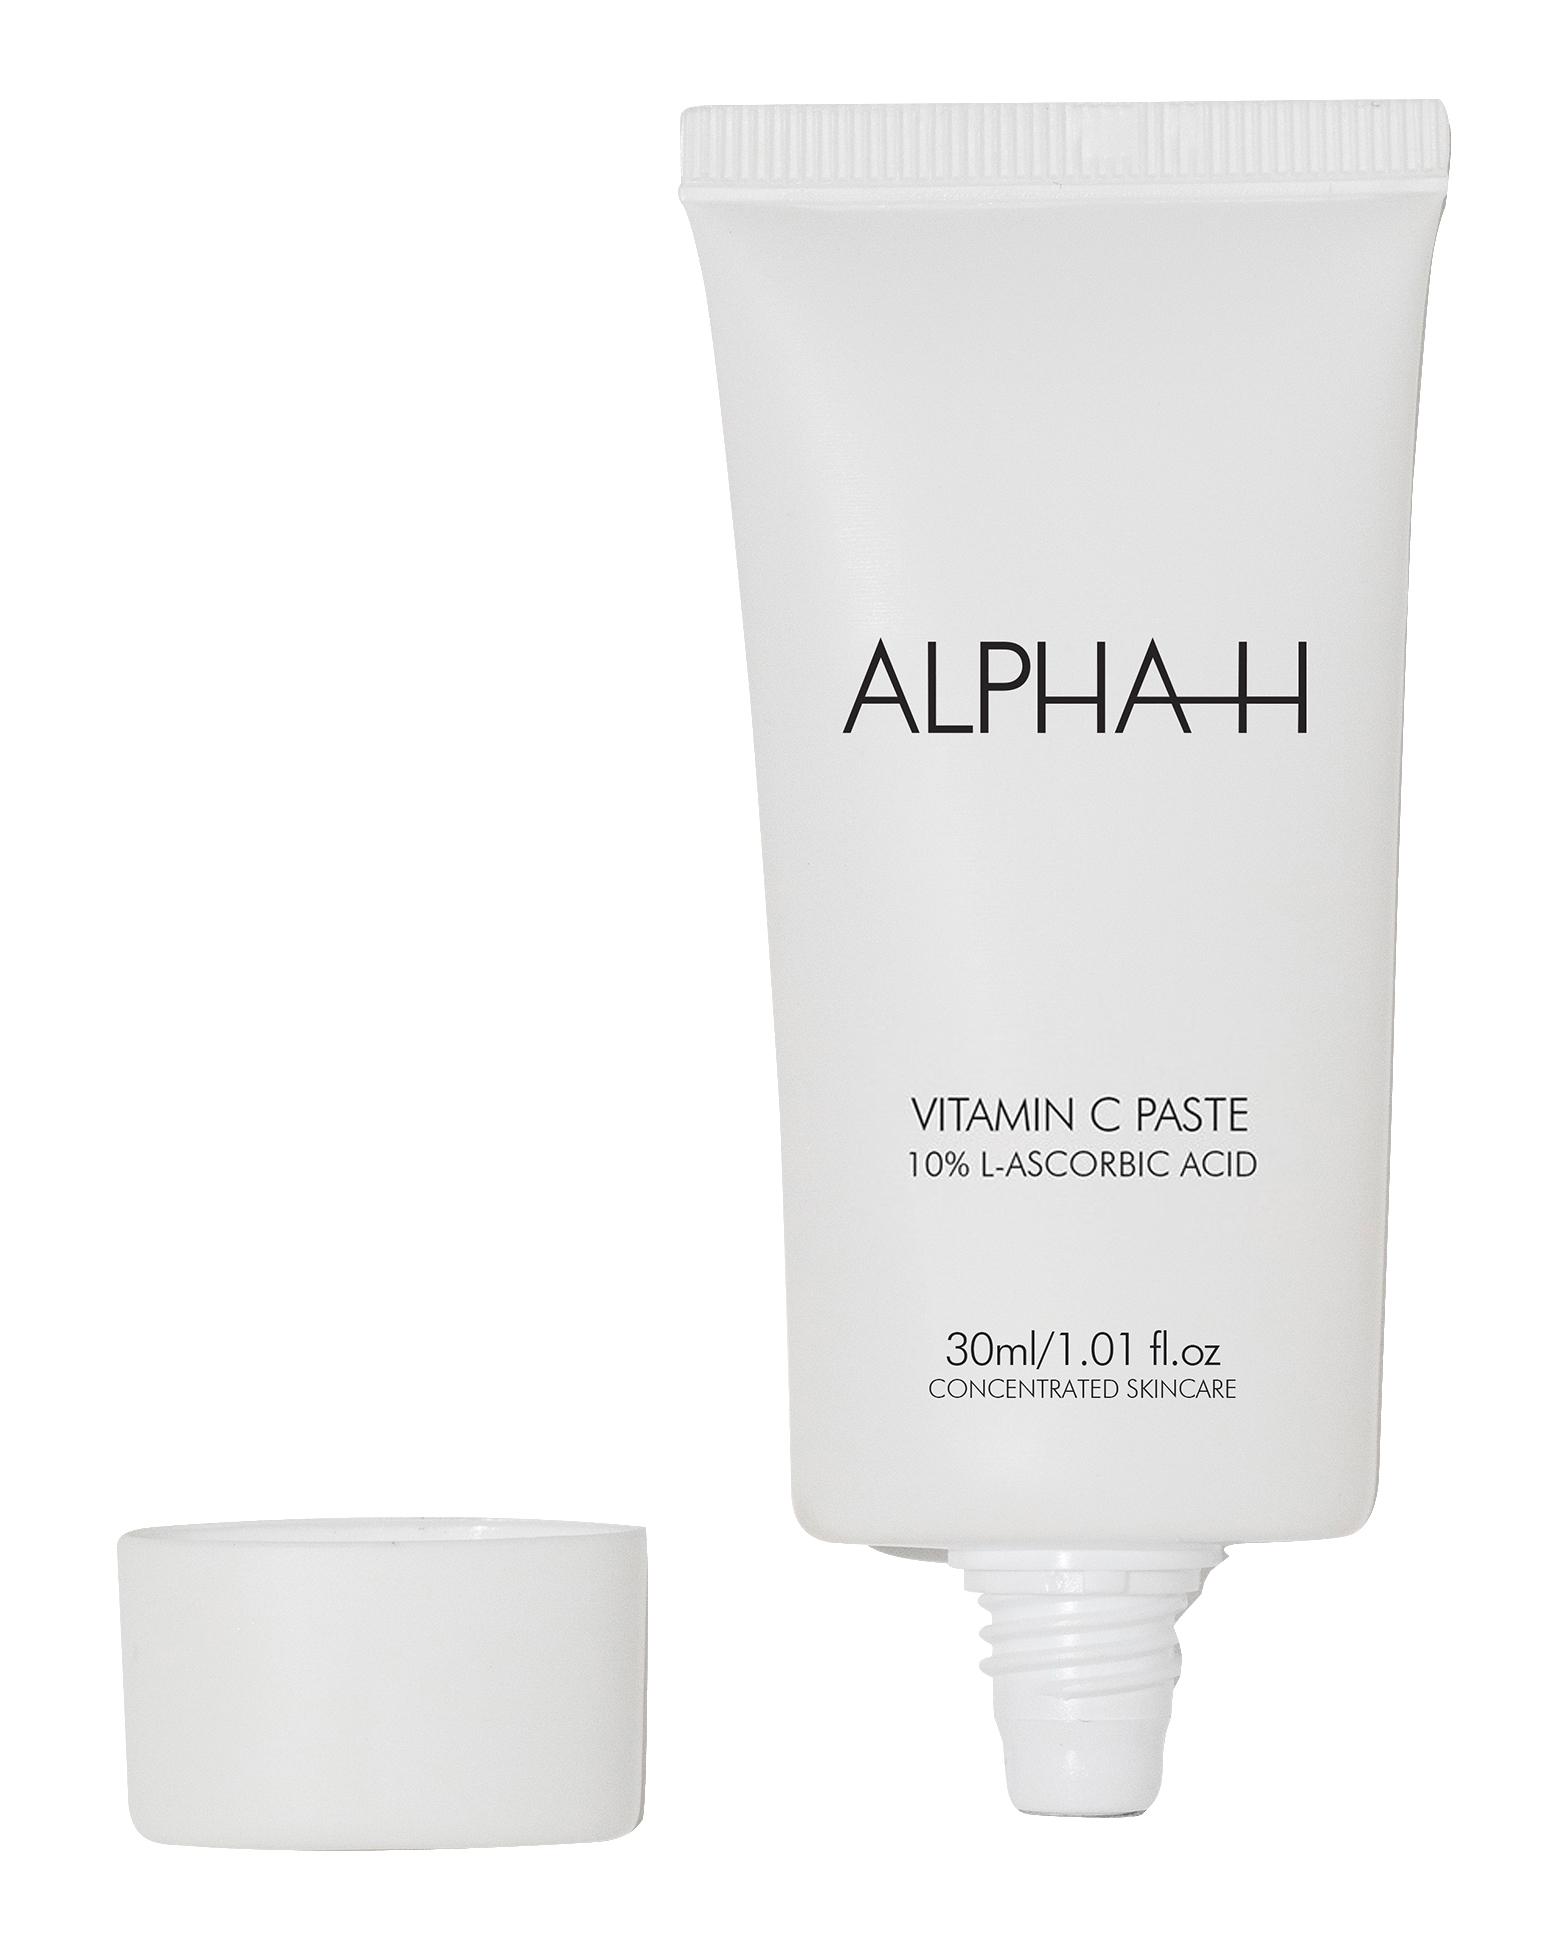 Alpha-H Vitamin C Paste With 10% L-Ascorbic Acid